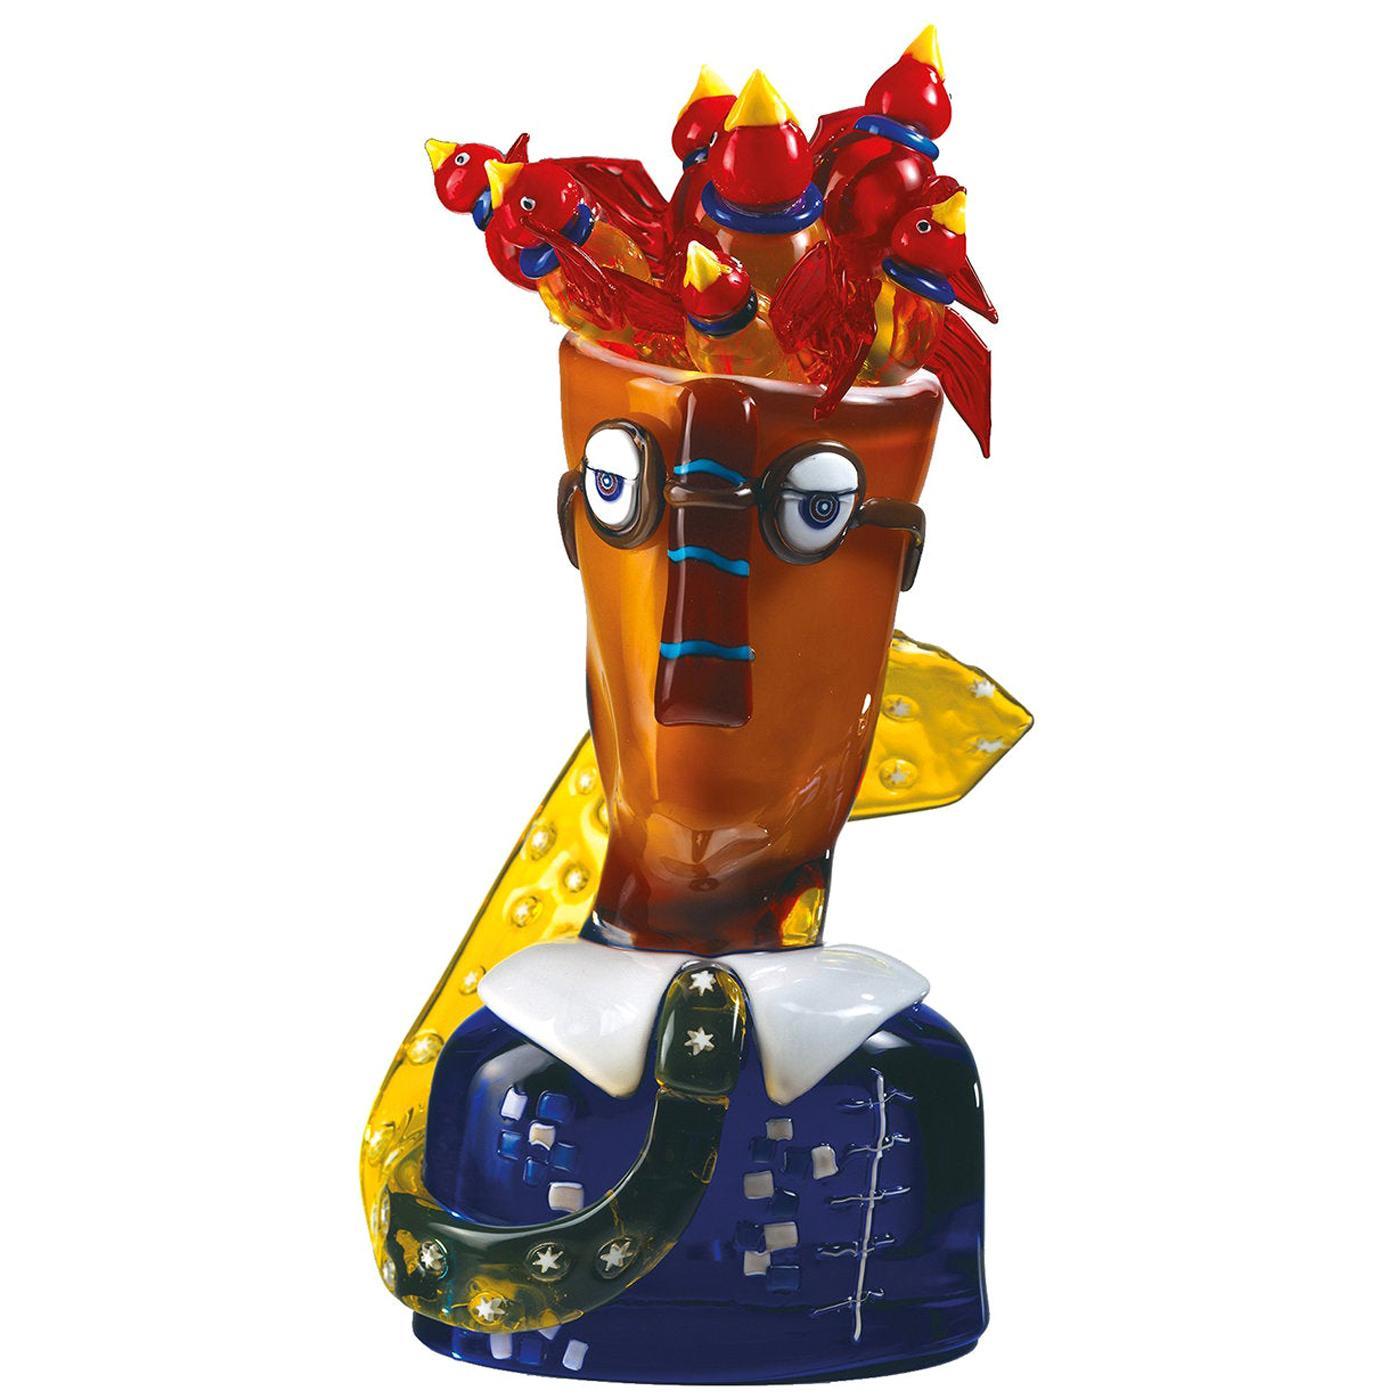 Burocrata Sculpture by Alfredo Sosabravo Limited Edition